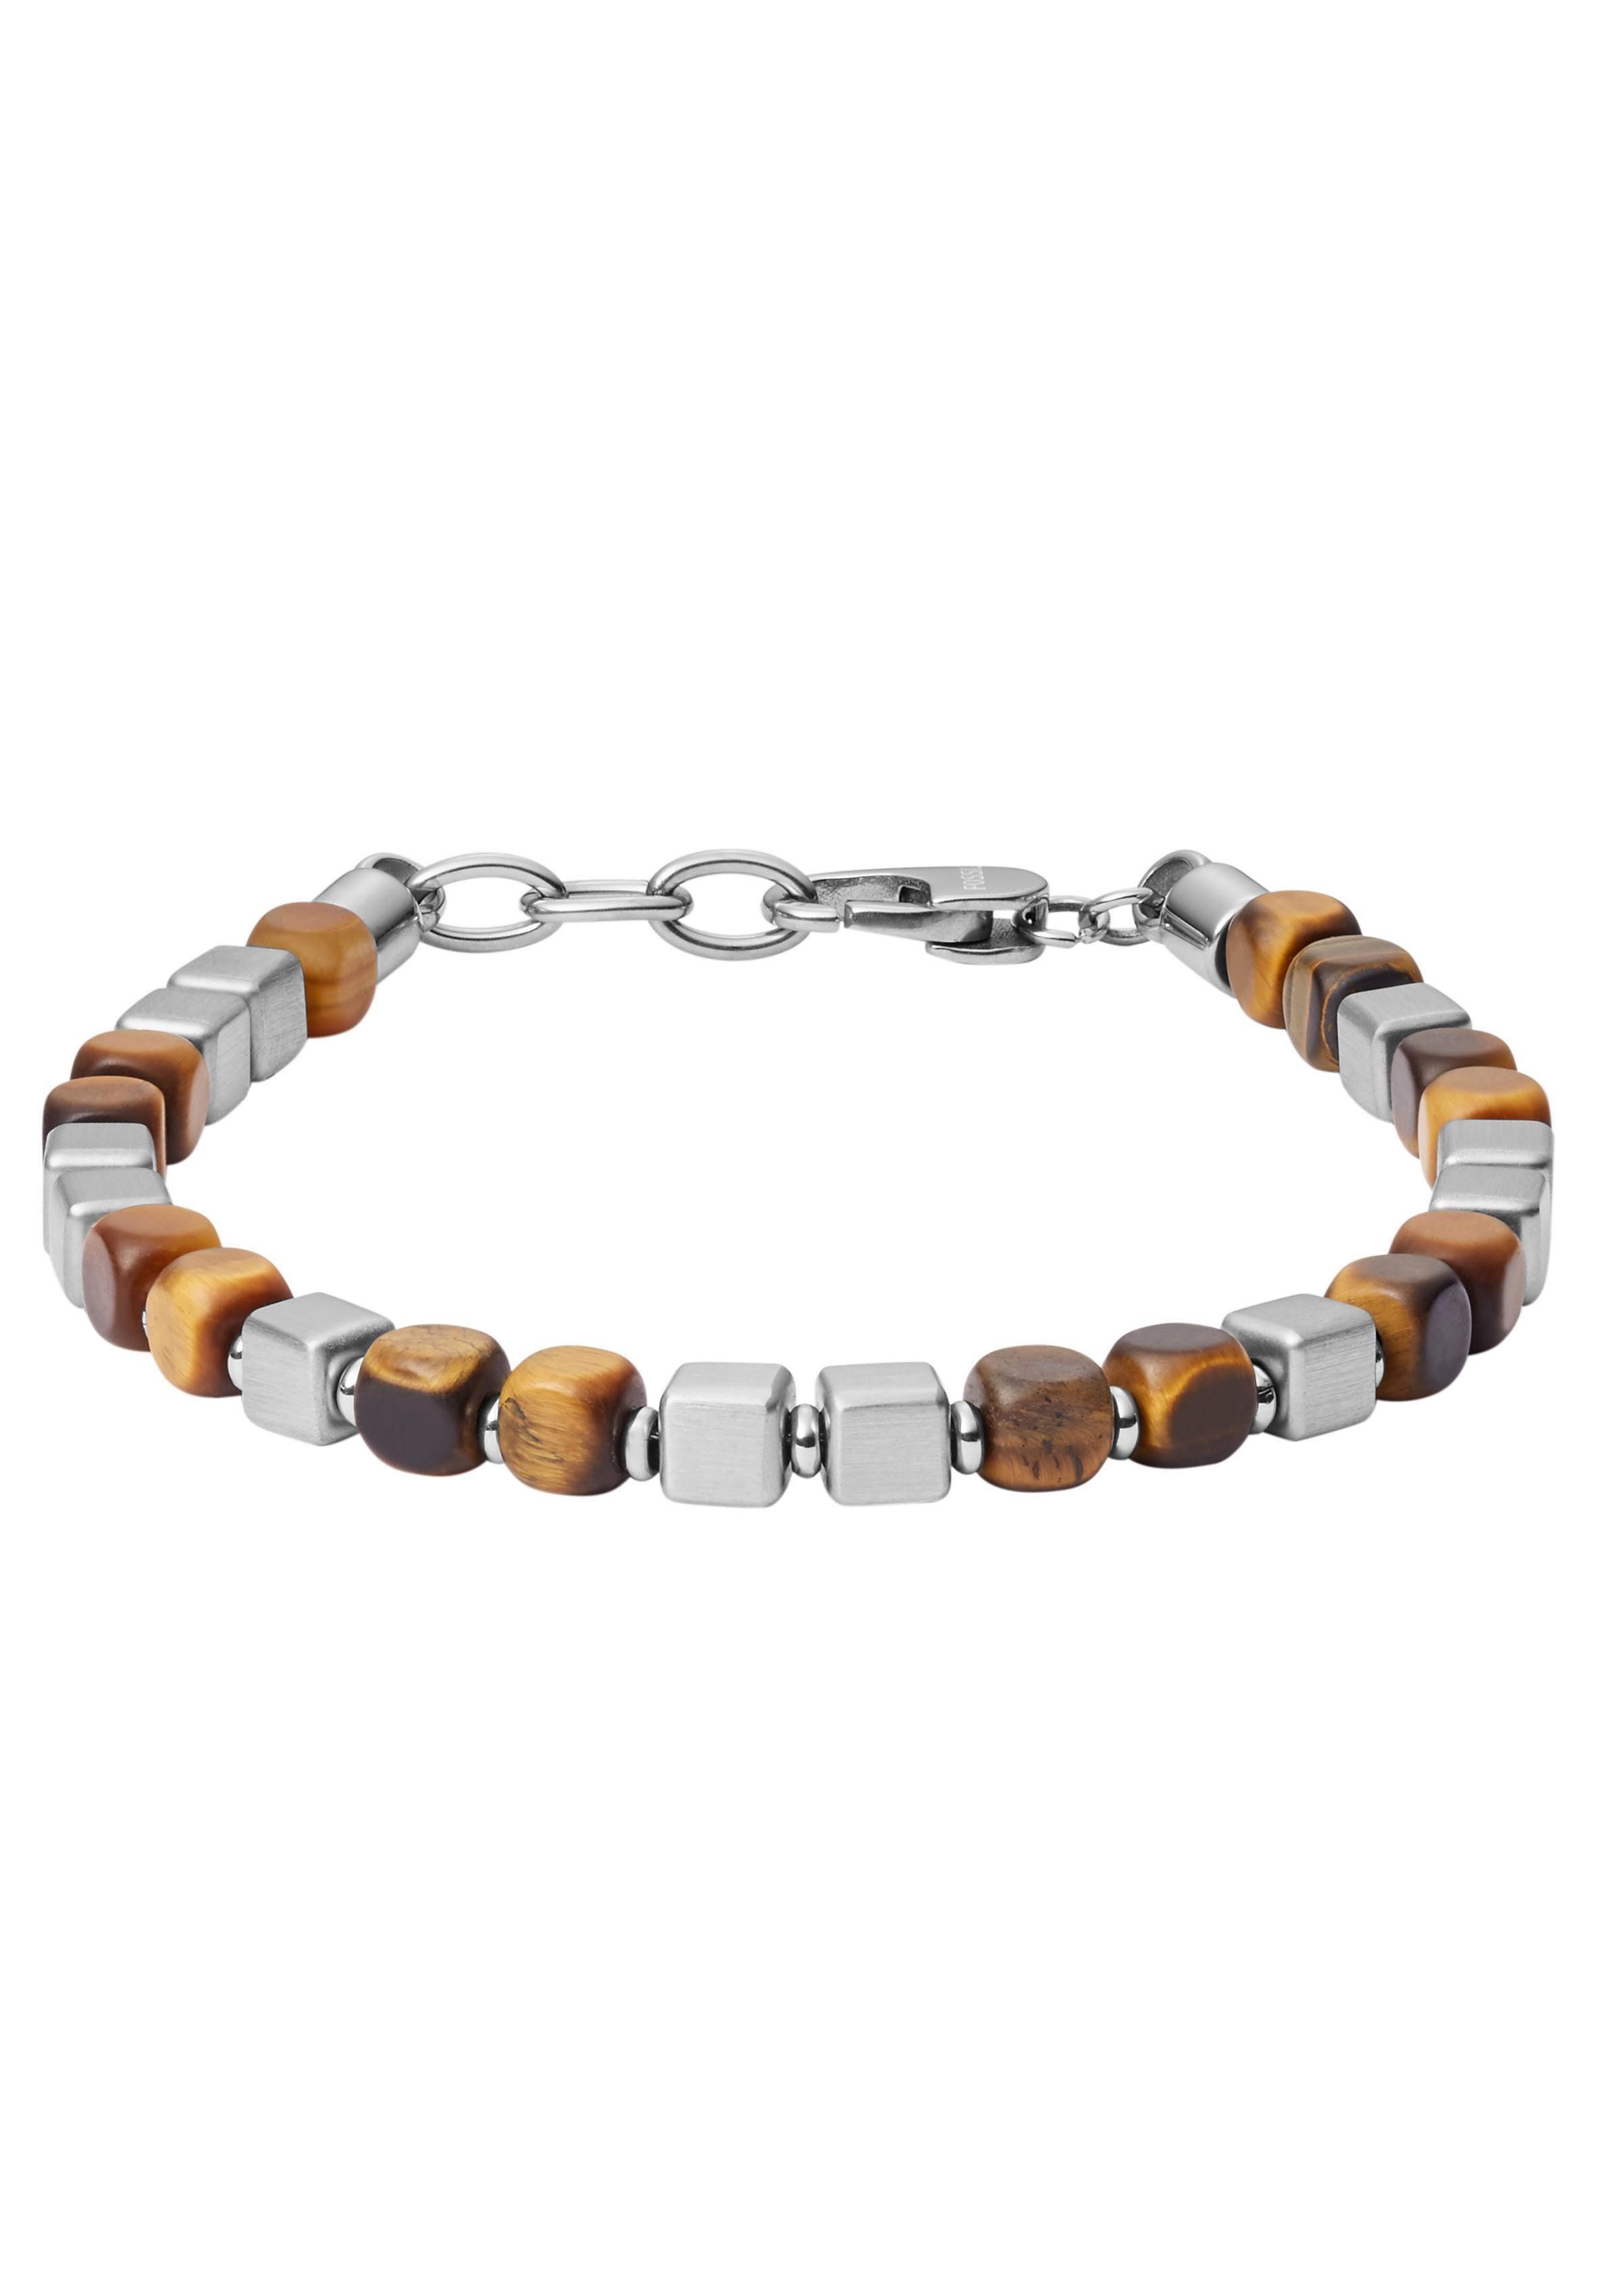 2 Stueck Weiss Kuenstliche Perlen Elastische Armband Handgelenk Ornamente 2A 1X